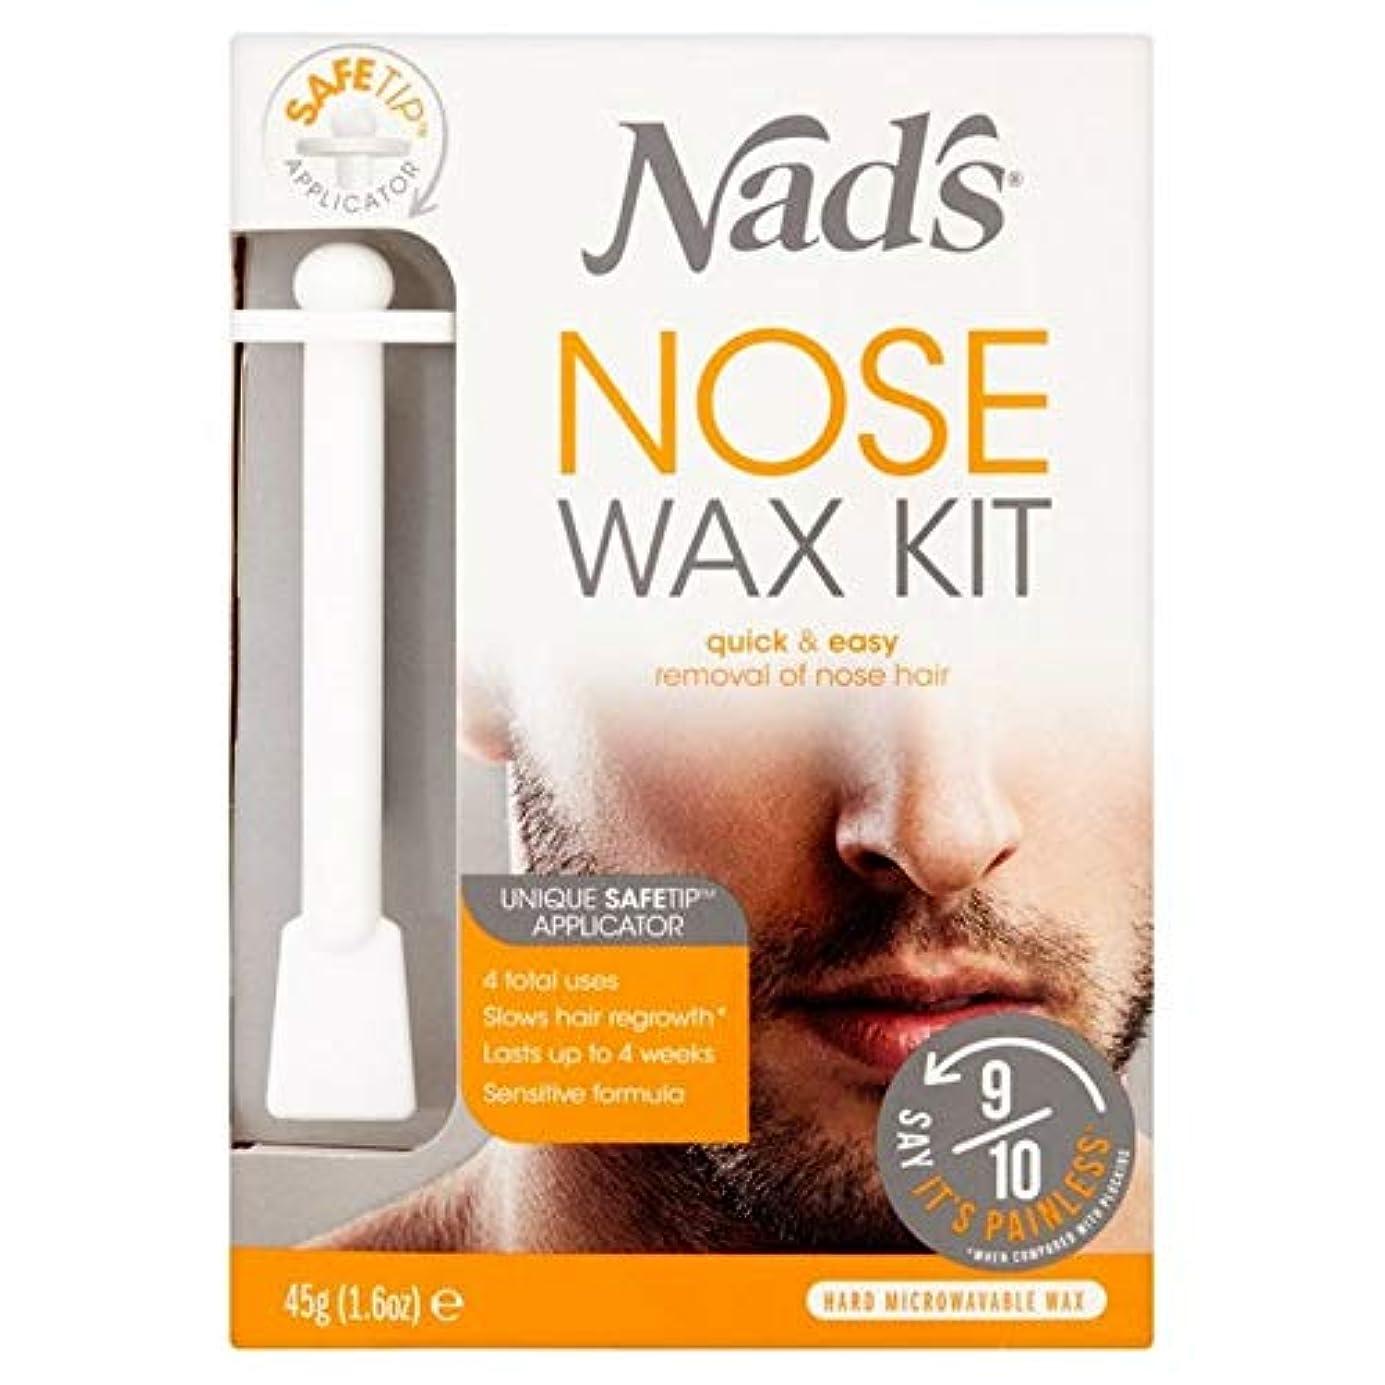 トチの実の木エンドウ肉の[Nad's] Nadの鼻ワックスキット45グラム - Nad's Nose Wax Kit 45g [並行輸入品]